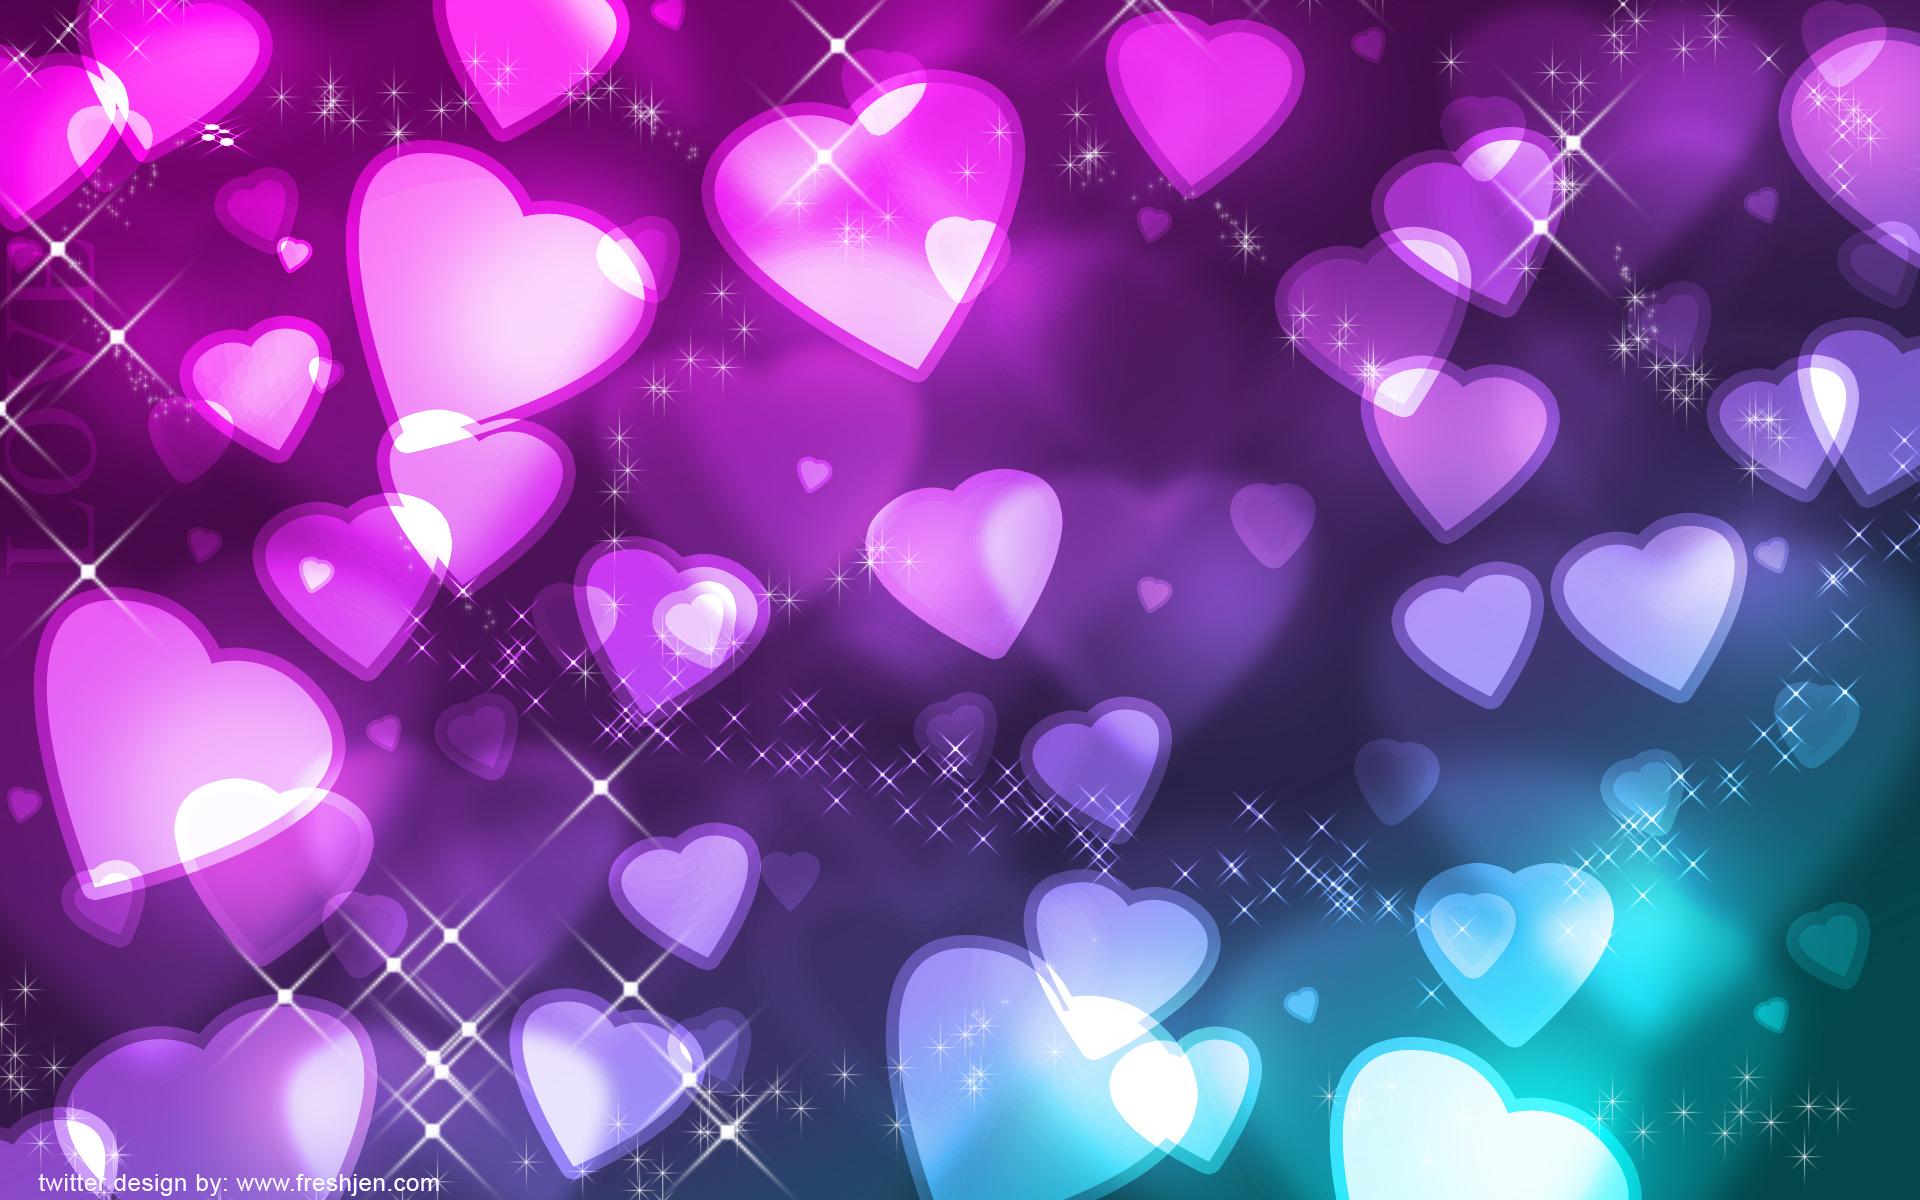 Twitter Background Backgrounds Heart Hearts Freshjen wallpapers HD 1920x1200